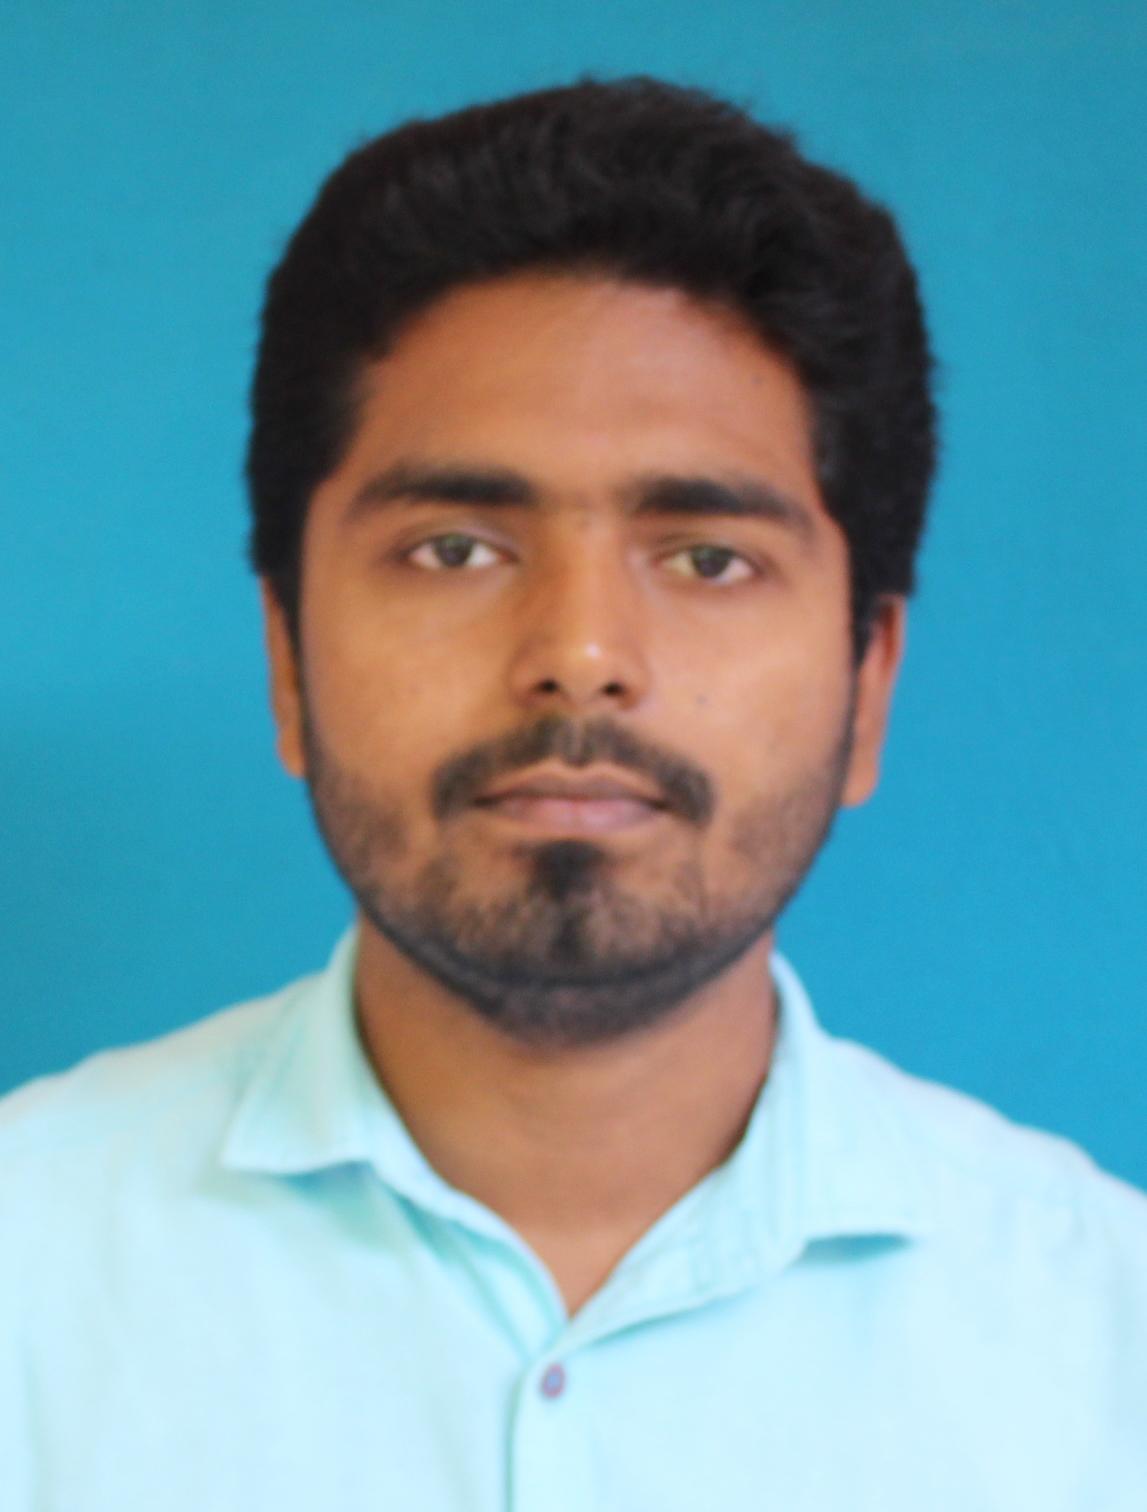 Vino Shankar. S. A